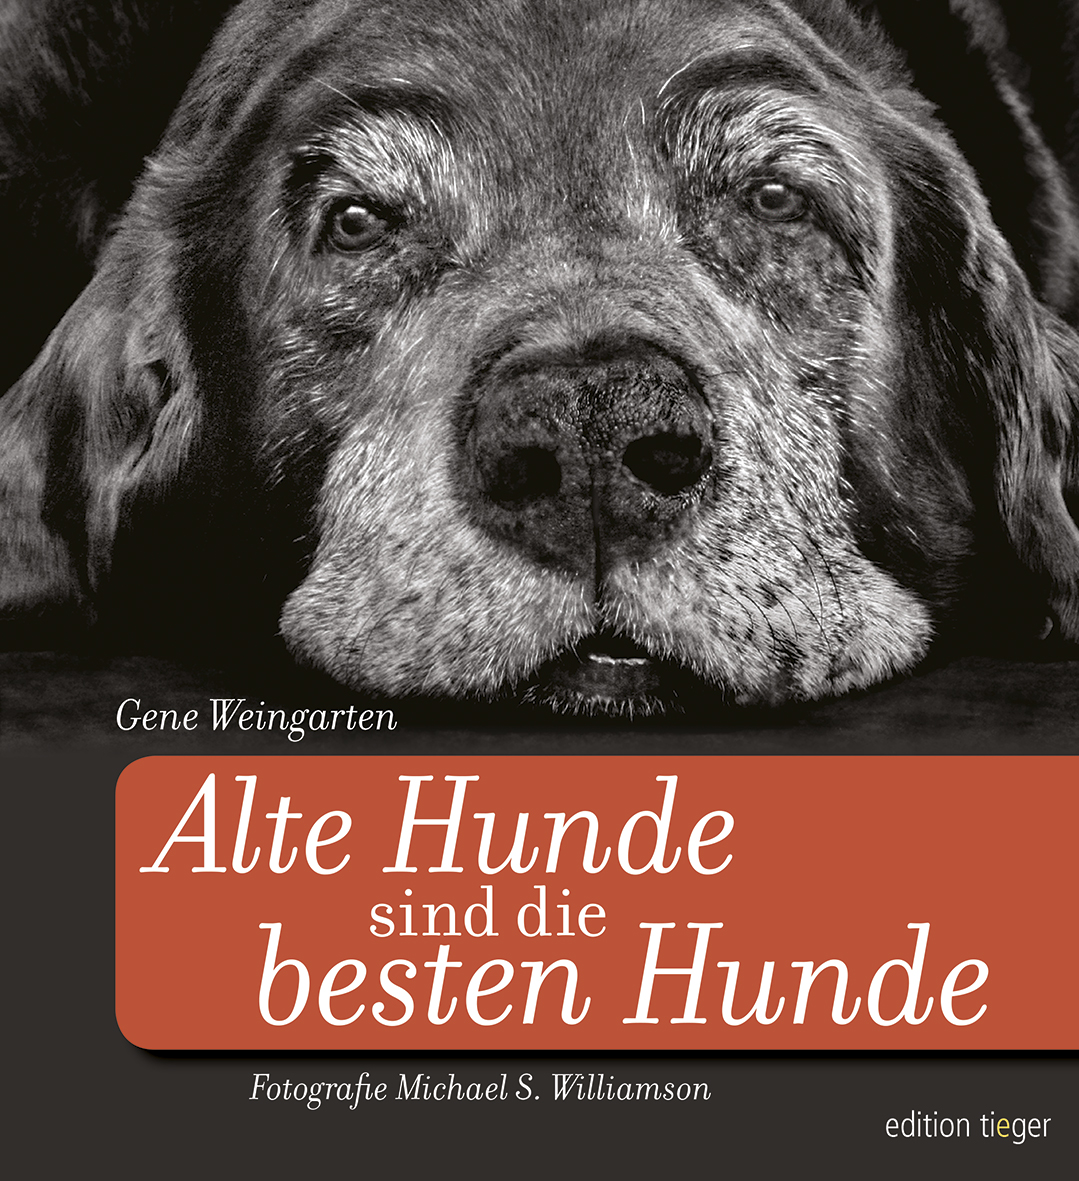 Alte Hunde sind die besten Hunde, Gene Weingarten